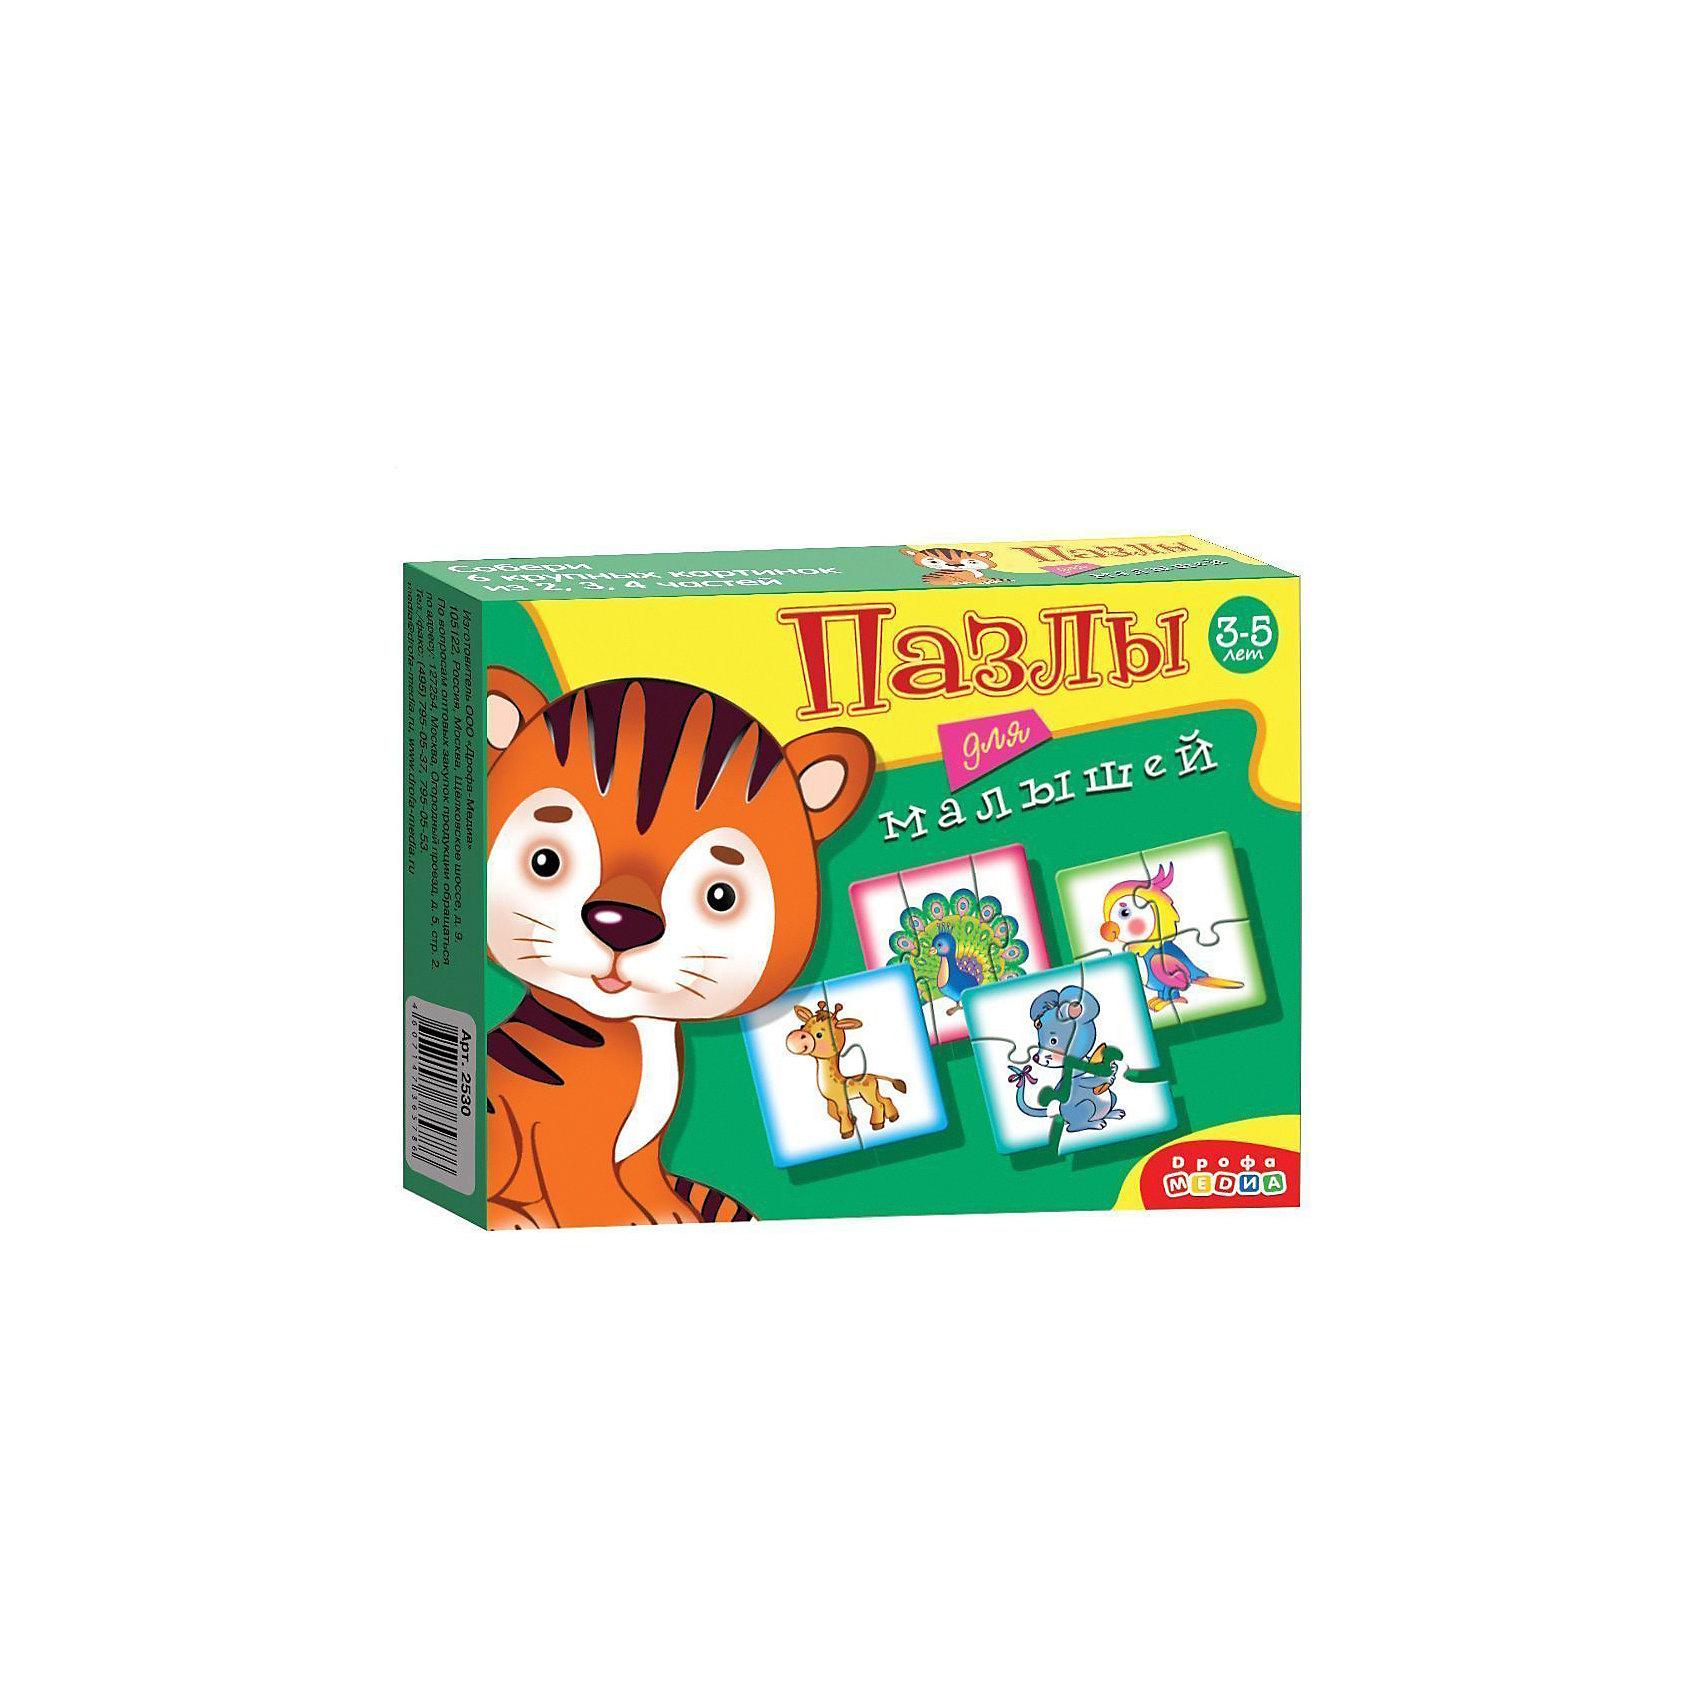 Пазлы для малышей Тигрёнок, Дрофа-МедиаХарактеристики пазлов для малышей Тигрёнок:<br><br>- возраст: от 3 лет<br>- пол: для мальчиков и девочек<br>- комплект: элементы пазлов.<br>- материал: картон.<br>- размер упаковки: 17 * 3 * 13 см.<br>- вес: 90 г.<br>- упаковка: картонная коробка.<br>- бренд: Дрофа-Медиа<br>- страна обладатель бренда: Россия.<br><br>В набор пазлов «Тигренок» входят изображения мышки, жирафа и других забавных животных. Собрать их смогут даже совсем еще маленькие дети, ведь максимальное число элементов в любом из пазлов не превышает четырех. Благодаря ярким и красочным картинкам, дети смогут познакомиться с новыми животными. Готовый пазл в любой момент можно будет разобрать, а после собрать снова.<br><br>Пазлы для малышей Тигрёнок издательства Дрофа-Медиа можно купить в нашем интернет-магазине.<br><br>Ширина мм: 170<br>Глубина мм: 30<br>Высота мм: 130<br>Вес г: 110<br>Возраст от месяцев: 36<br>Возраст до месяцев: 2147483647<br>Пол: Унисекс<br>Возраст: Детский<br>Количество деталей: 4<br>SKU: 5367081